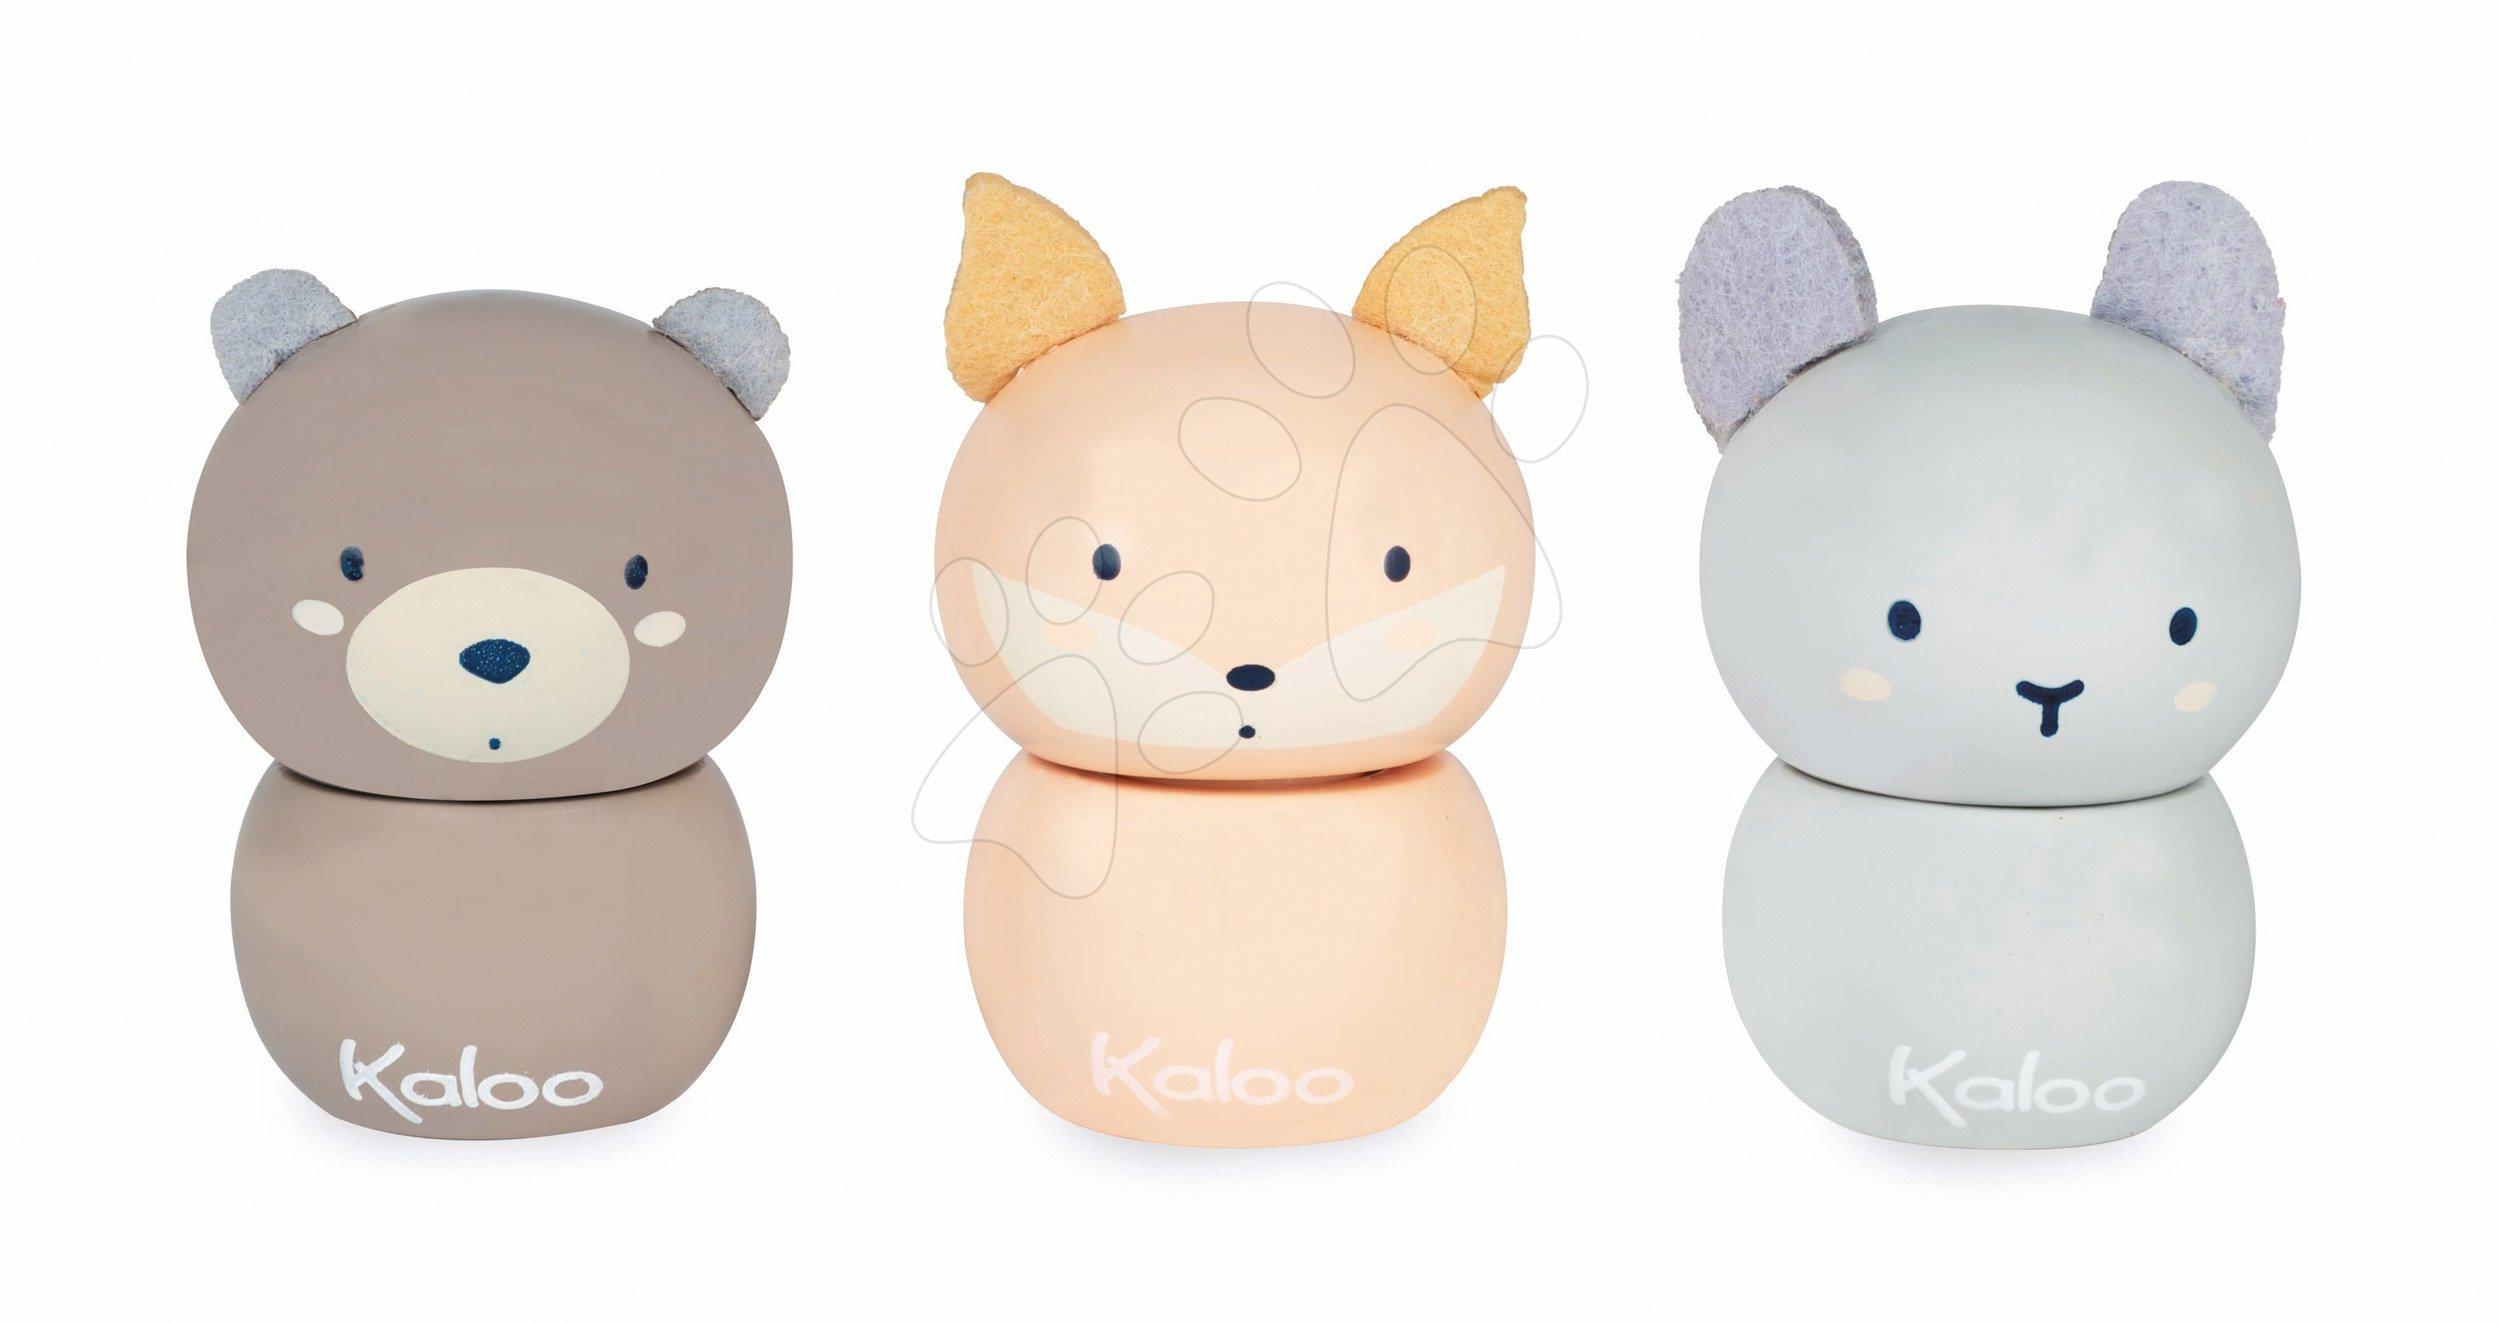 Drevená nádobka na zúbok My little Tooth Box Home Kaloo zvieratká zajačik medveď líška 6 cm s plyšovými ušami (cena za 1 kus)